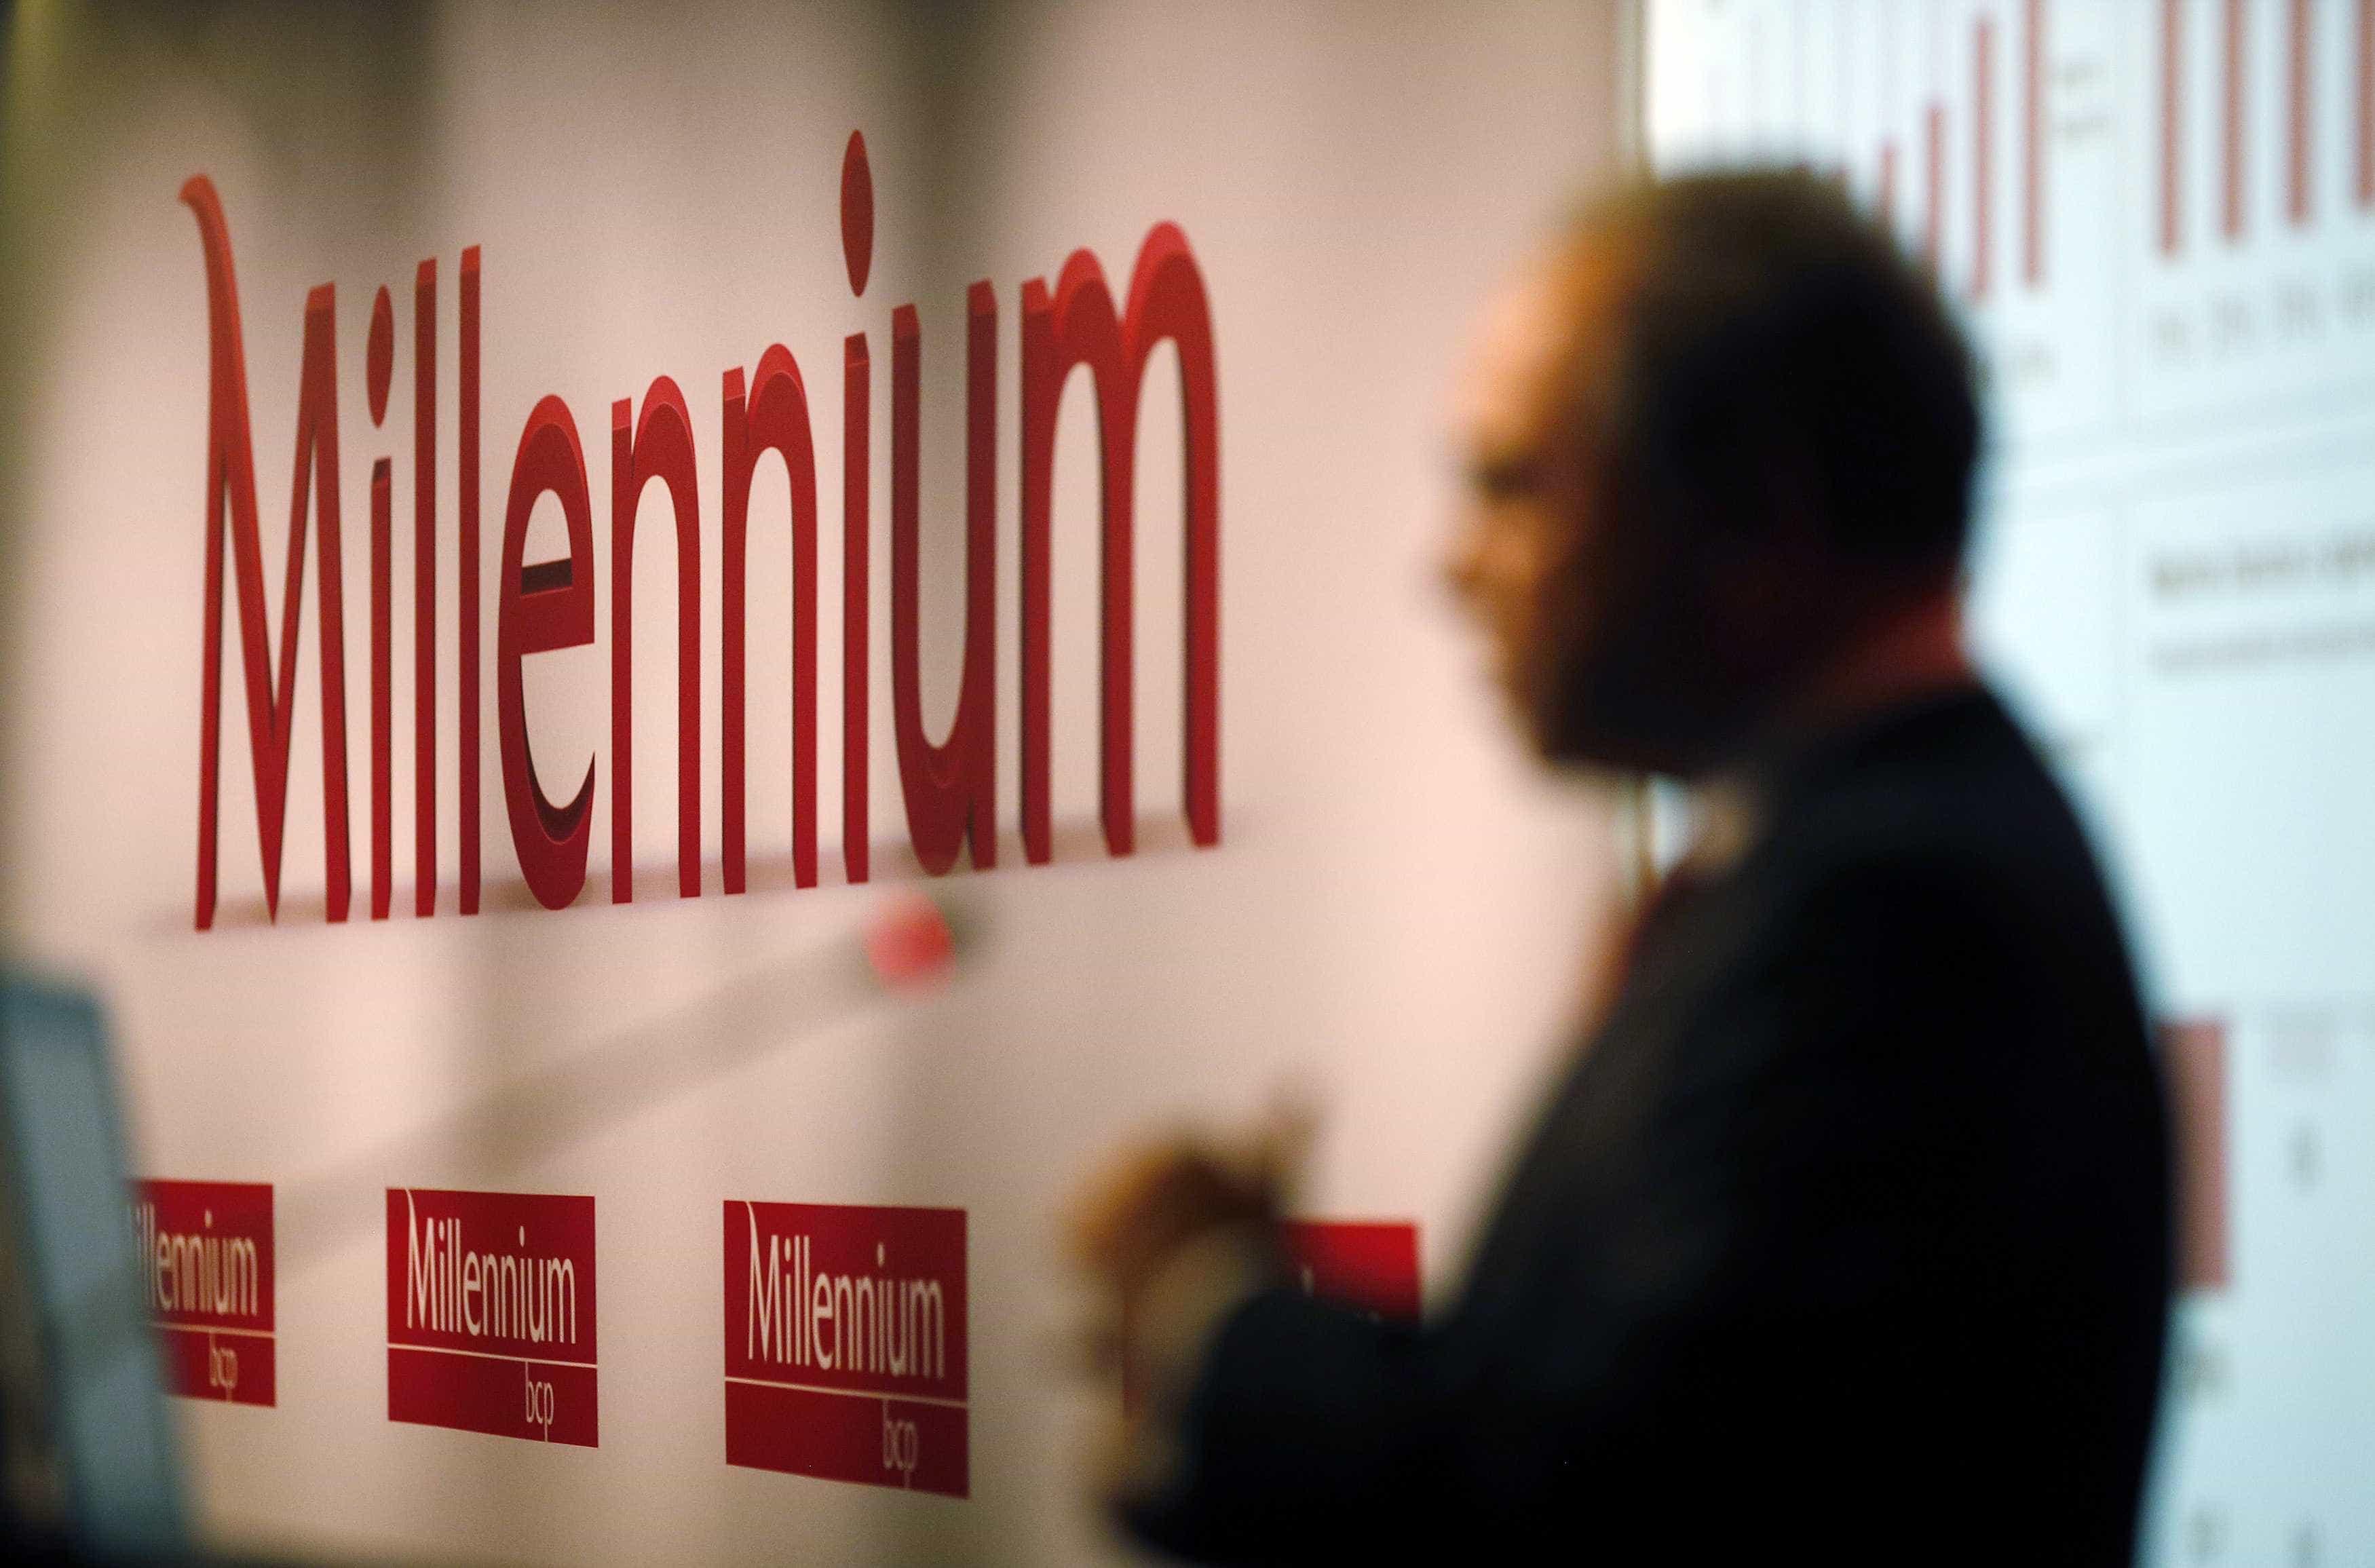 Nova máquina automática do Millennium BCP recebe distinção nos EUA